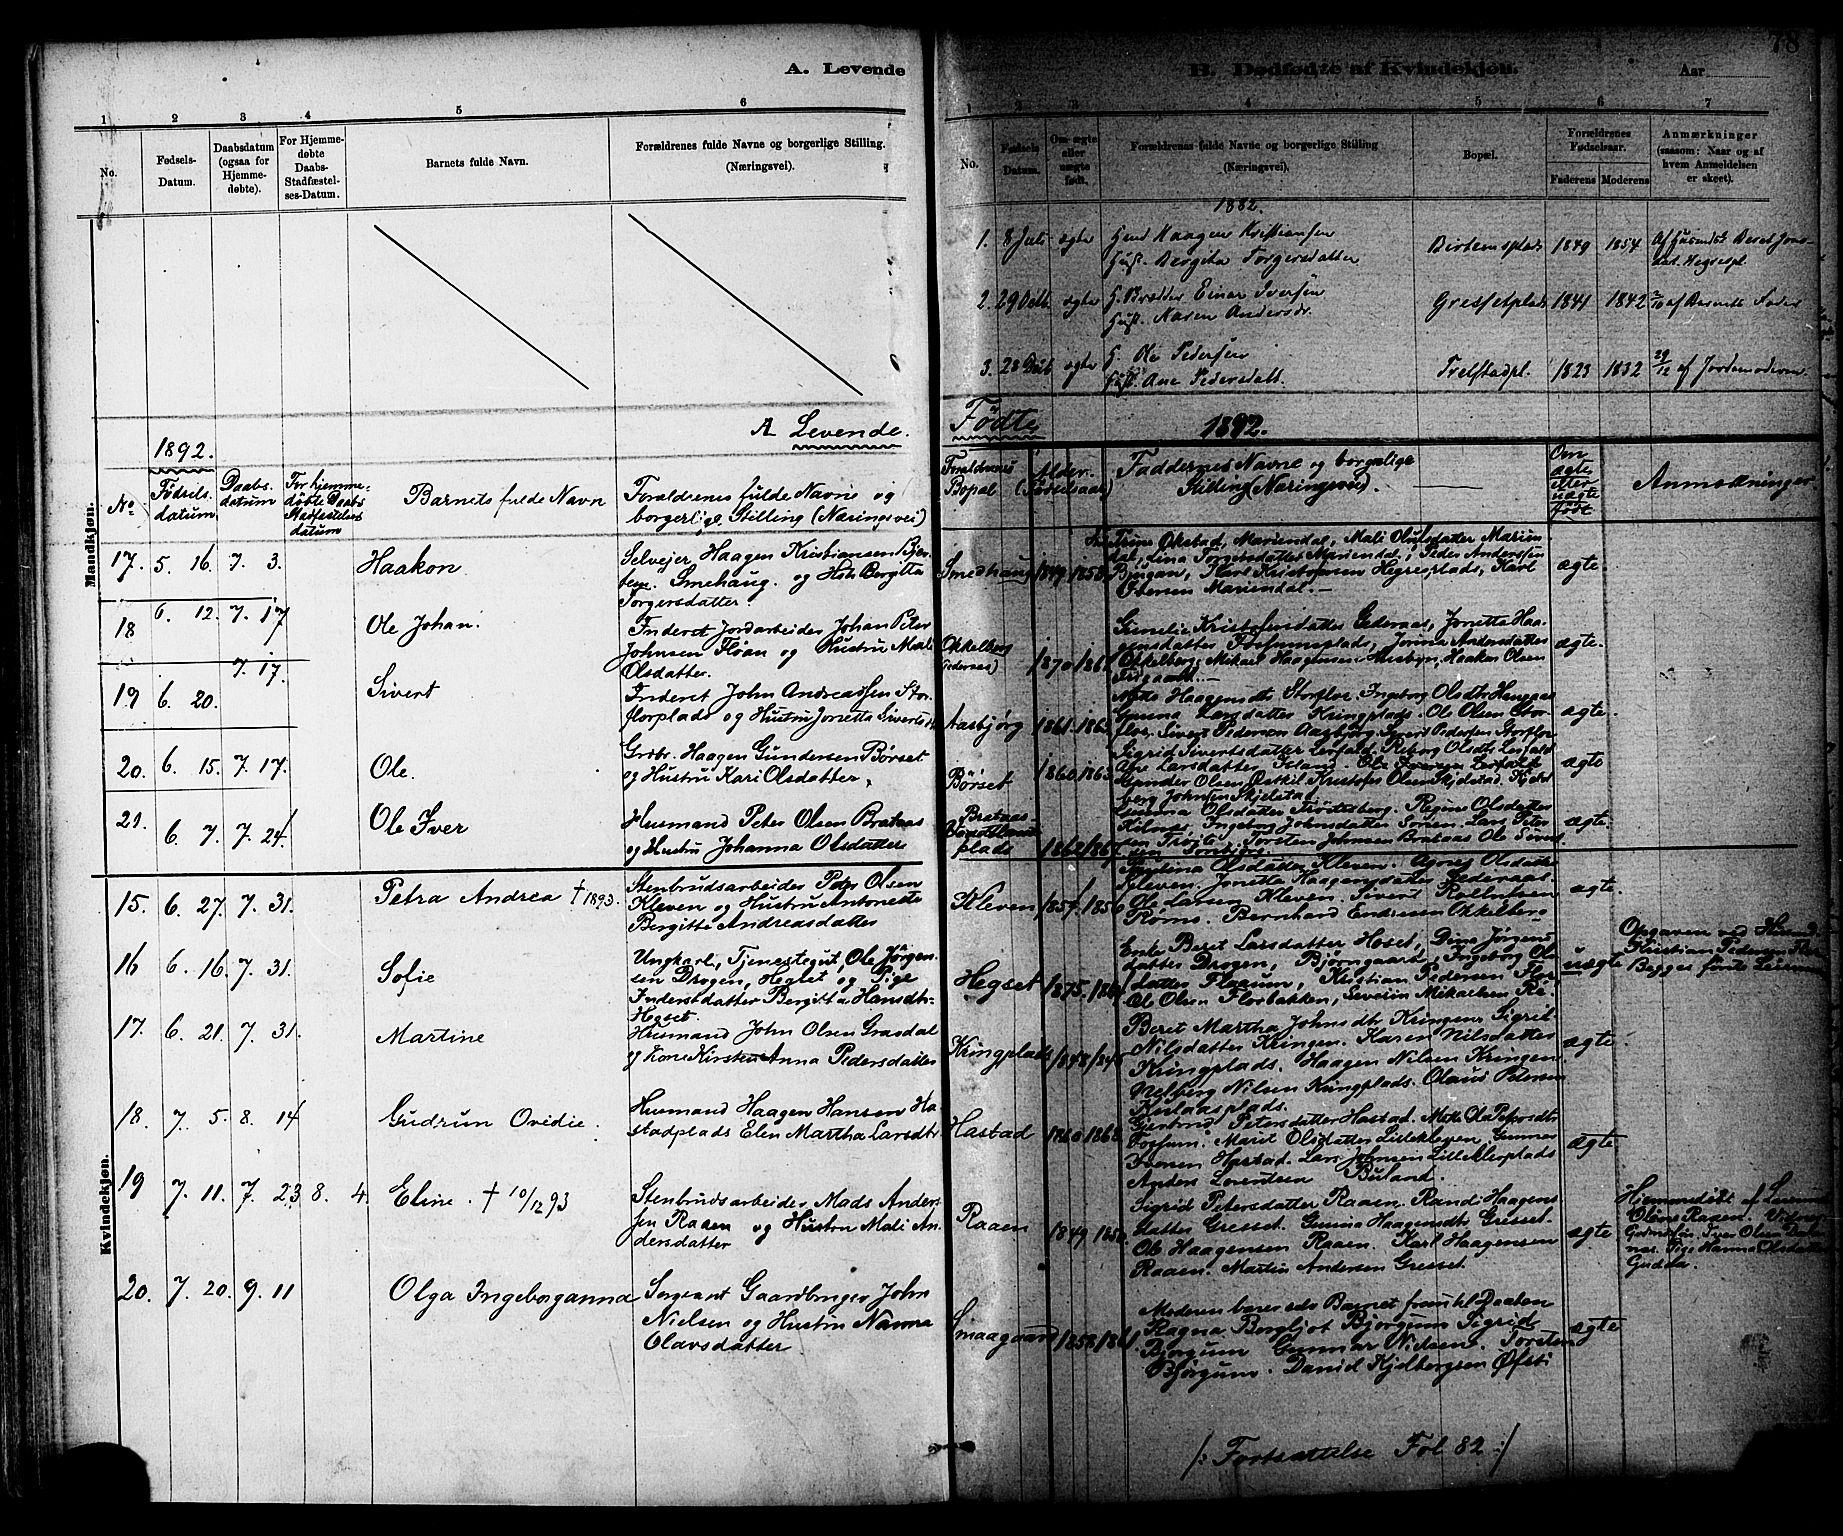 SAT, Ministerialprotokoller, klokkerbøker og fødselsregistre - Nord-Trøndelag, 703/L0030: Parish register (official) no. 703A03, 1880-1892, p. 78